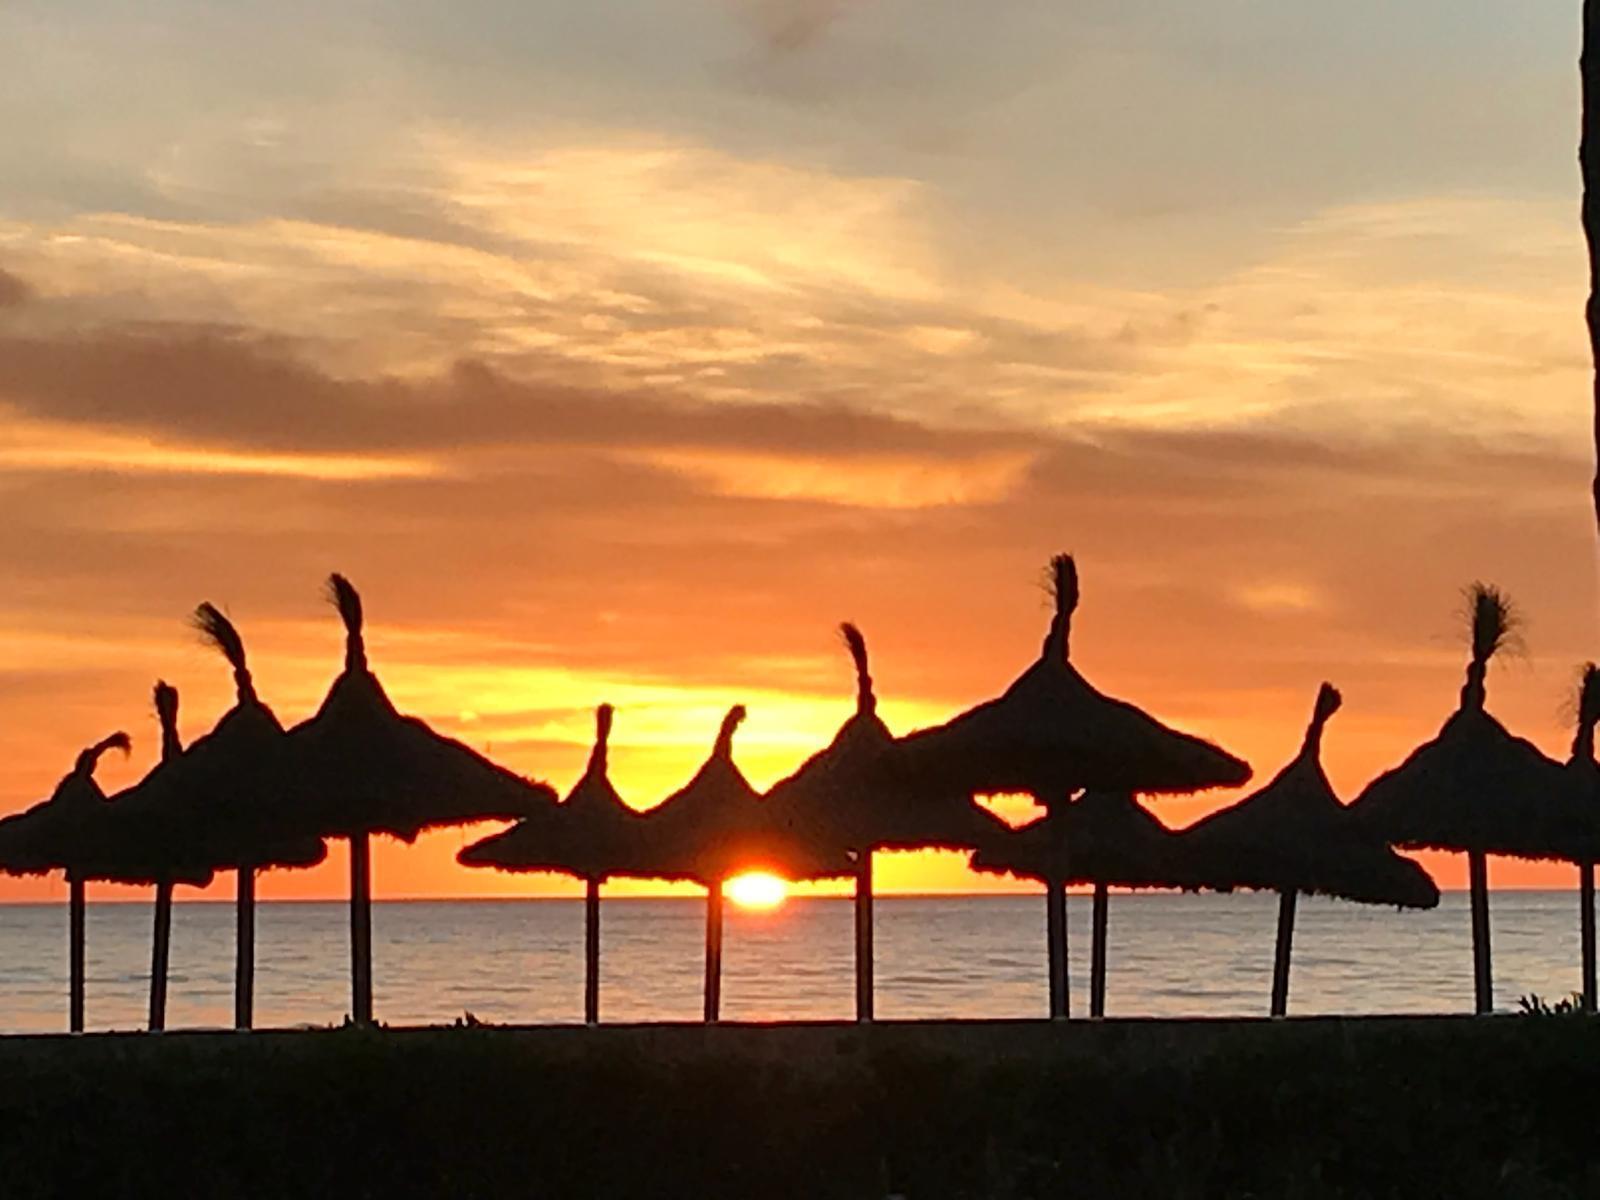 Playa de Palma Abendstimmung